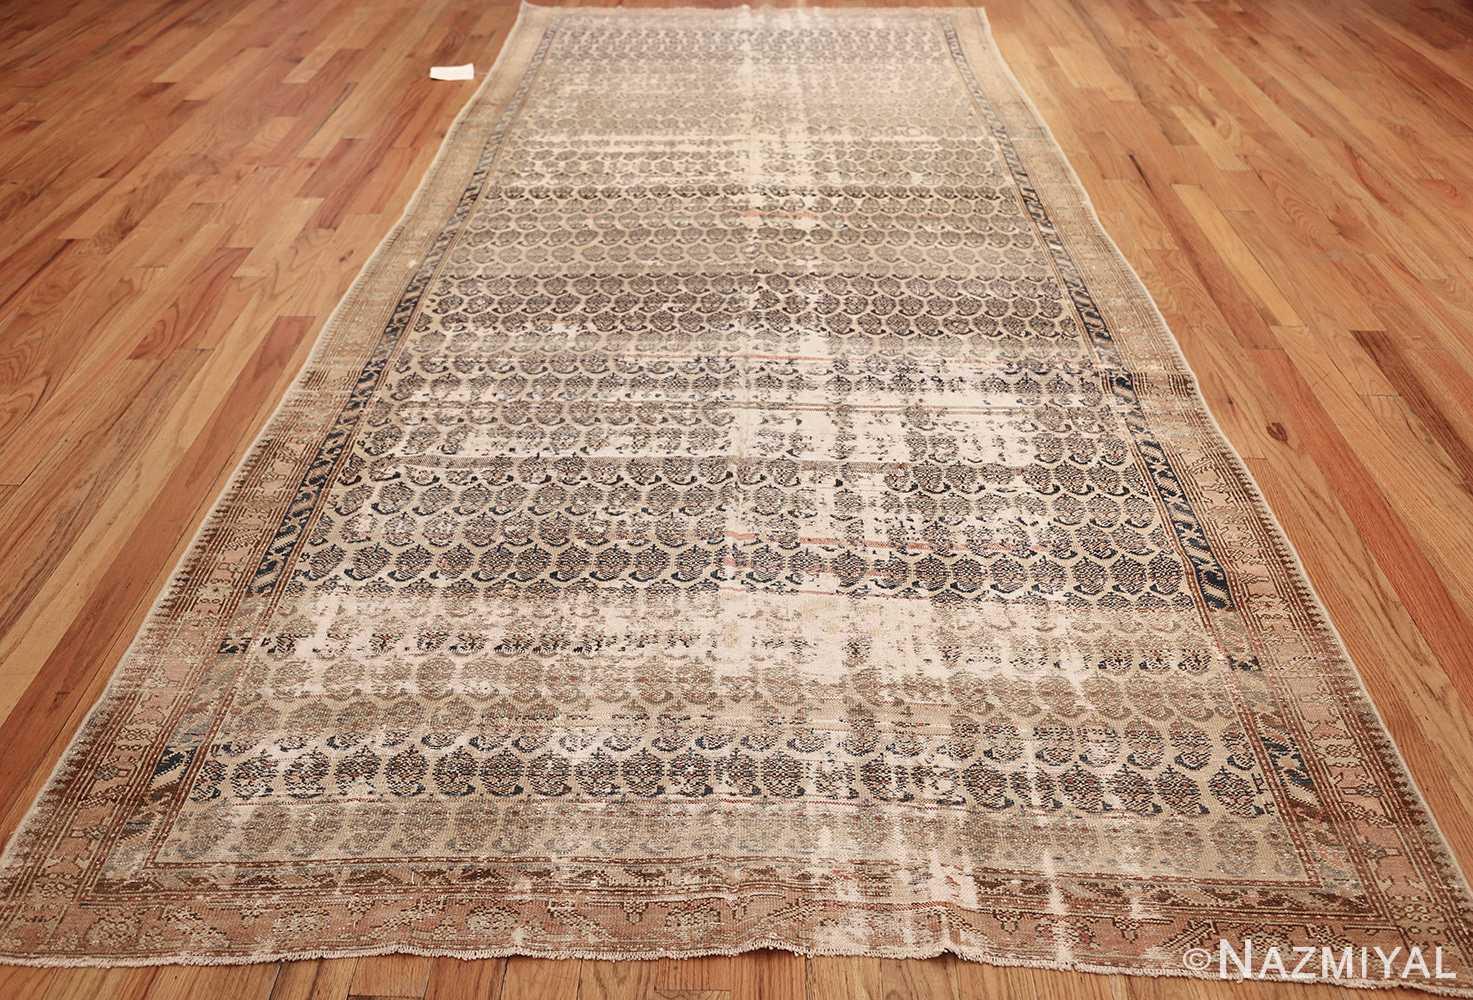 Long Shabby Chic Antique Persian Northwest Carpet 47261 Whole Nazmiyal